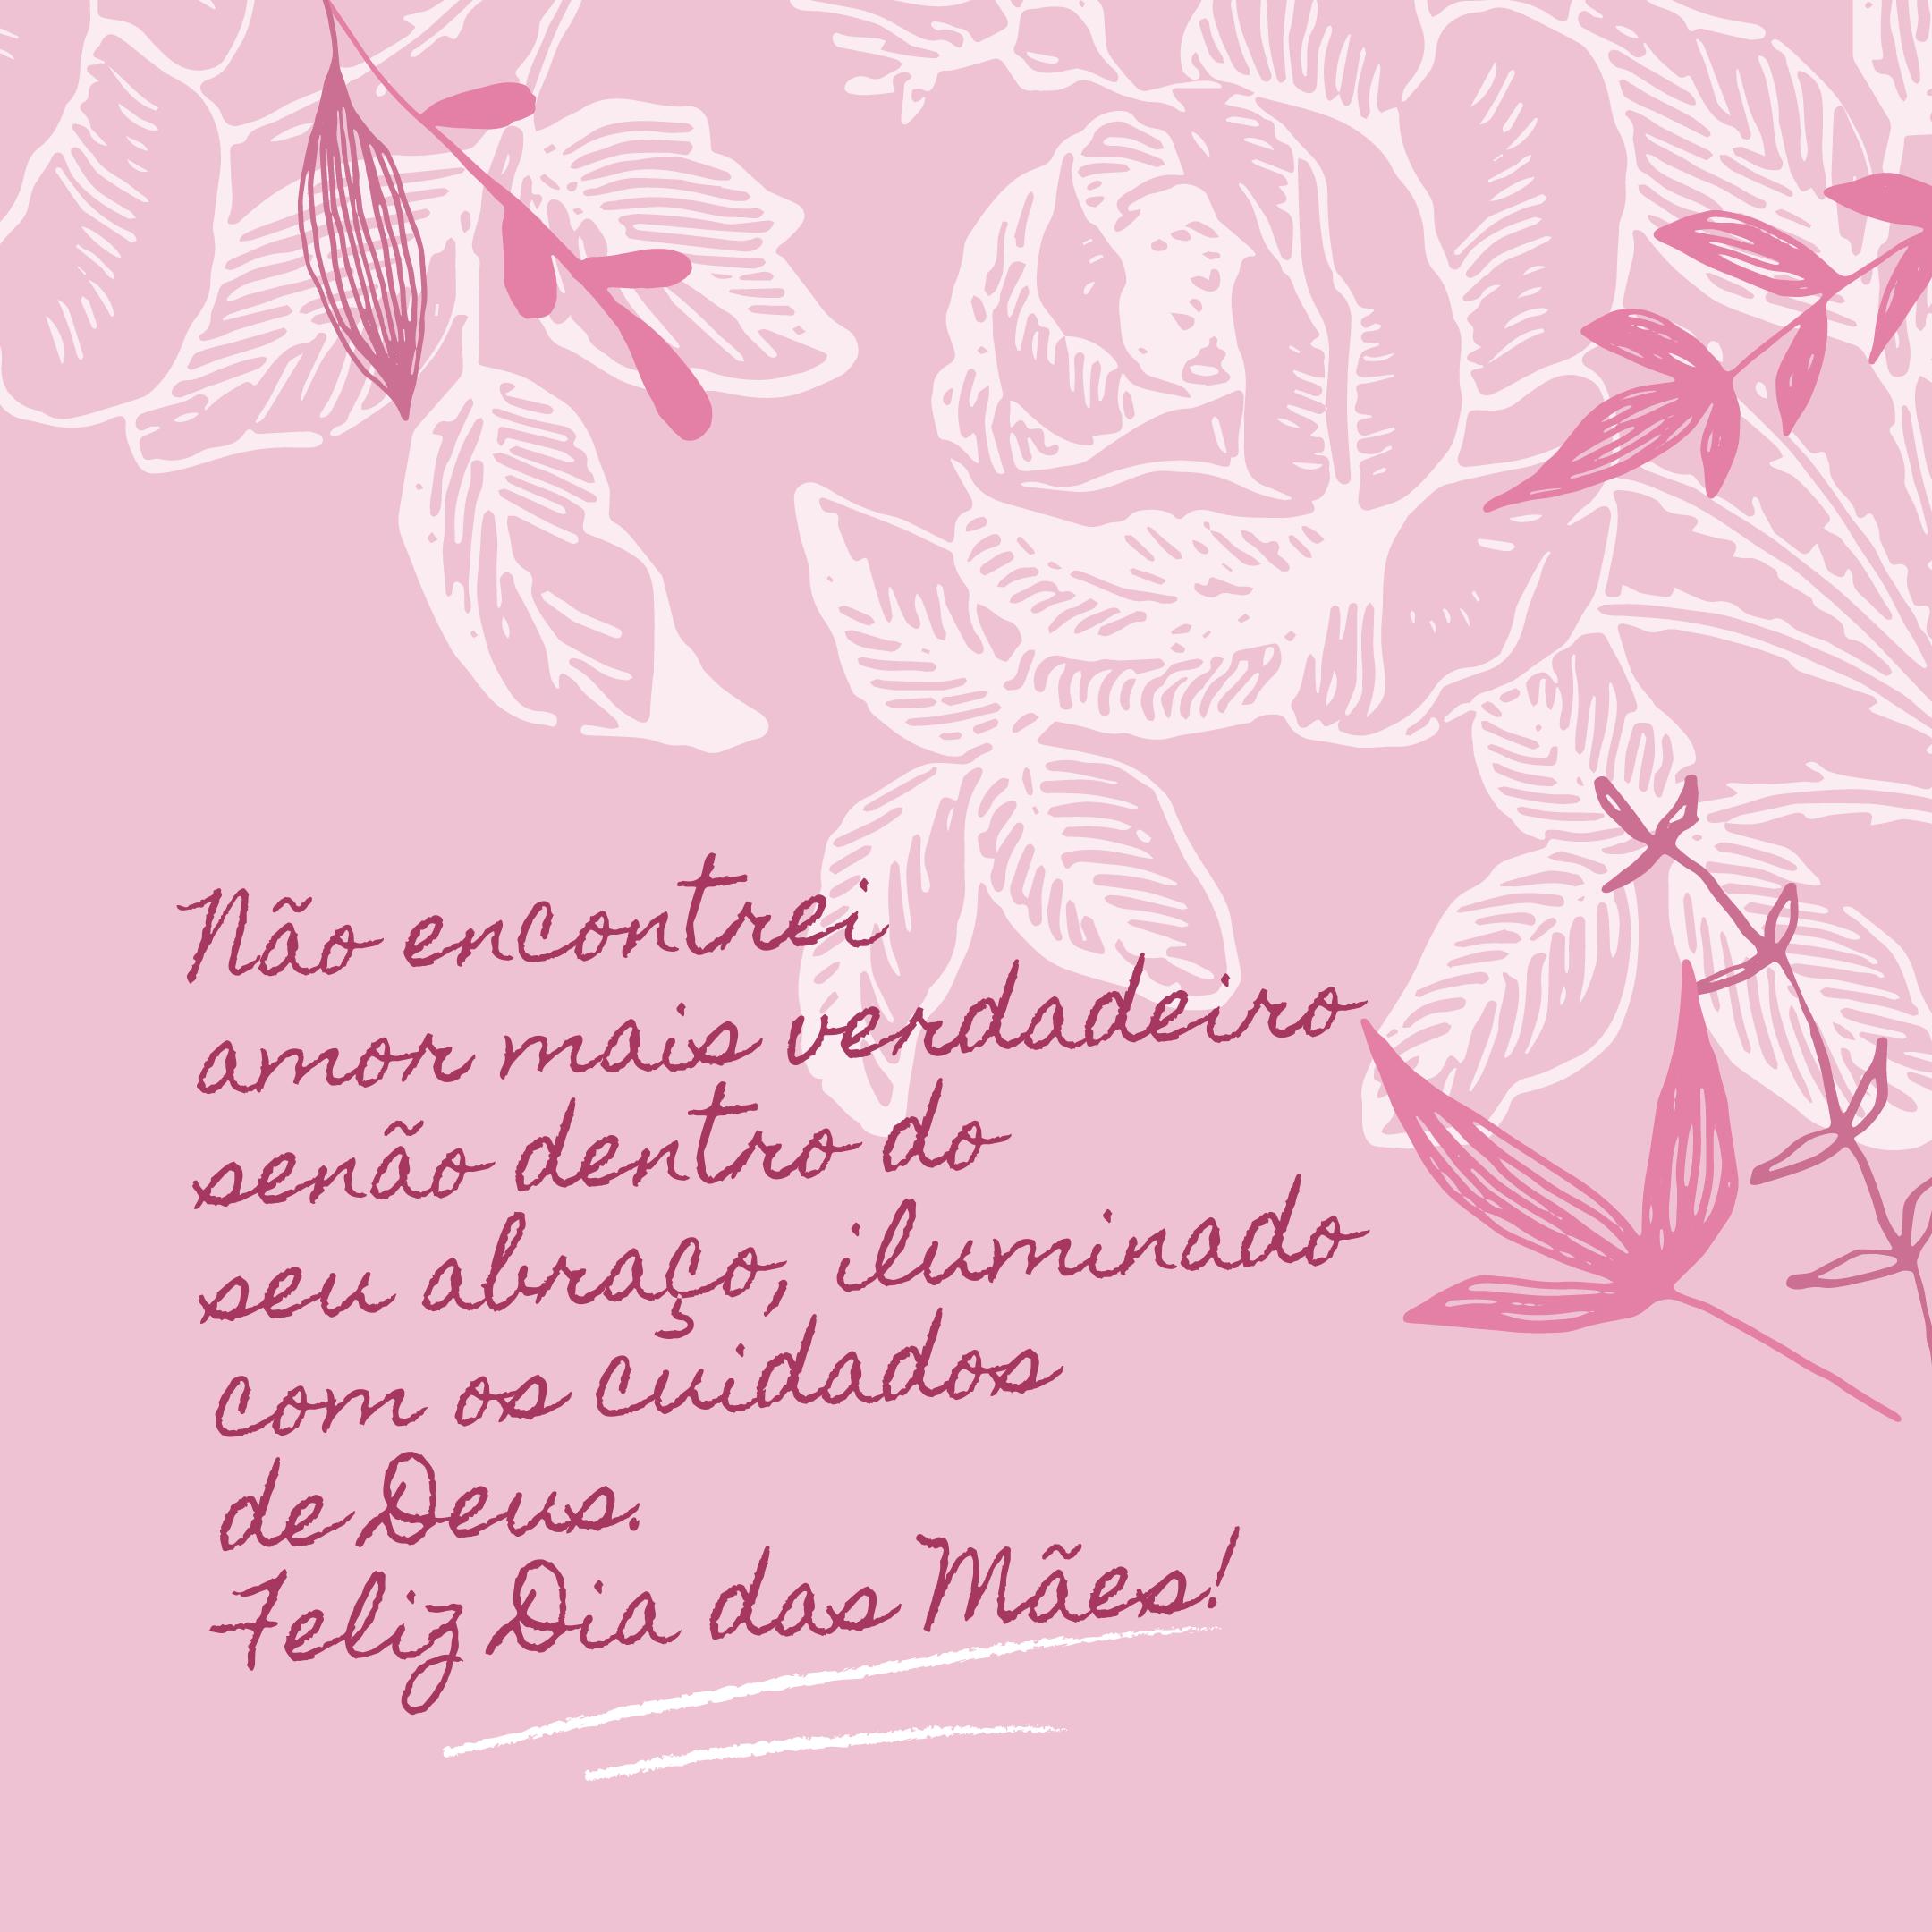 Não encontrei amor mais verdadeiro senão dentro do seu abraço, iluminado com os cuidados de Deus. Feliz Dia das Mães!